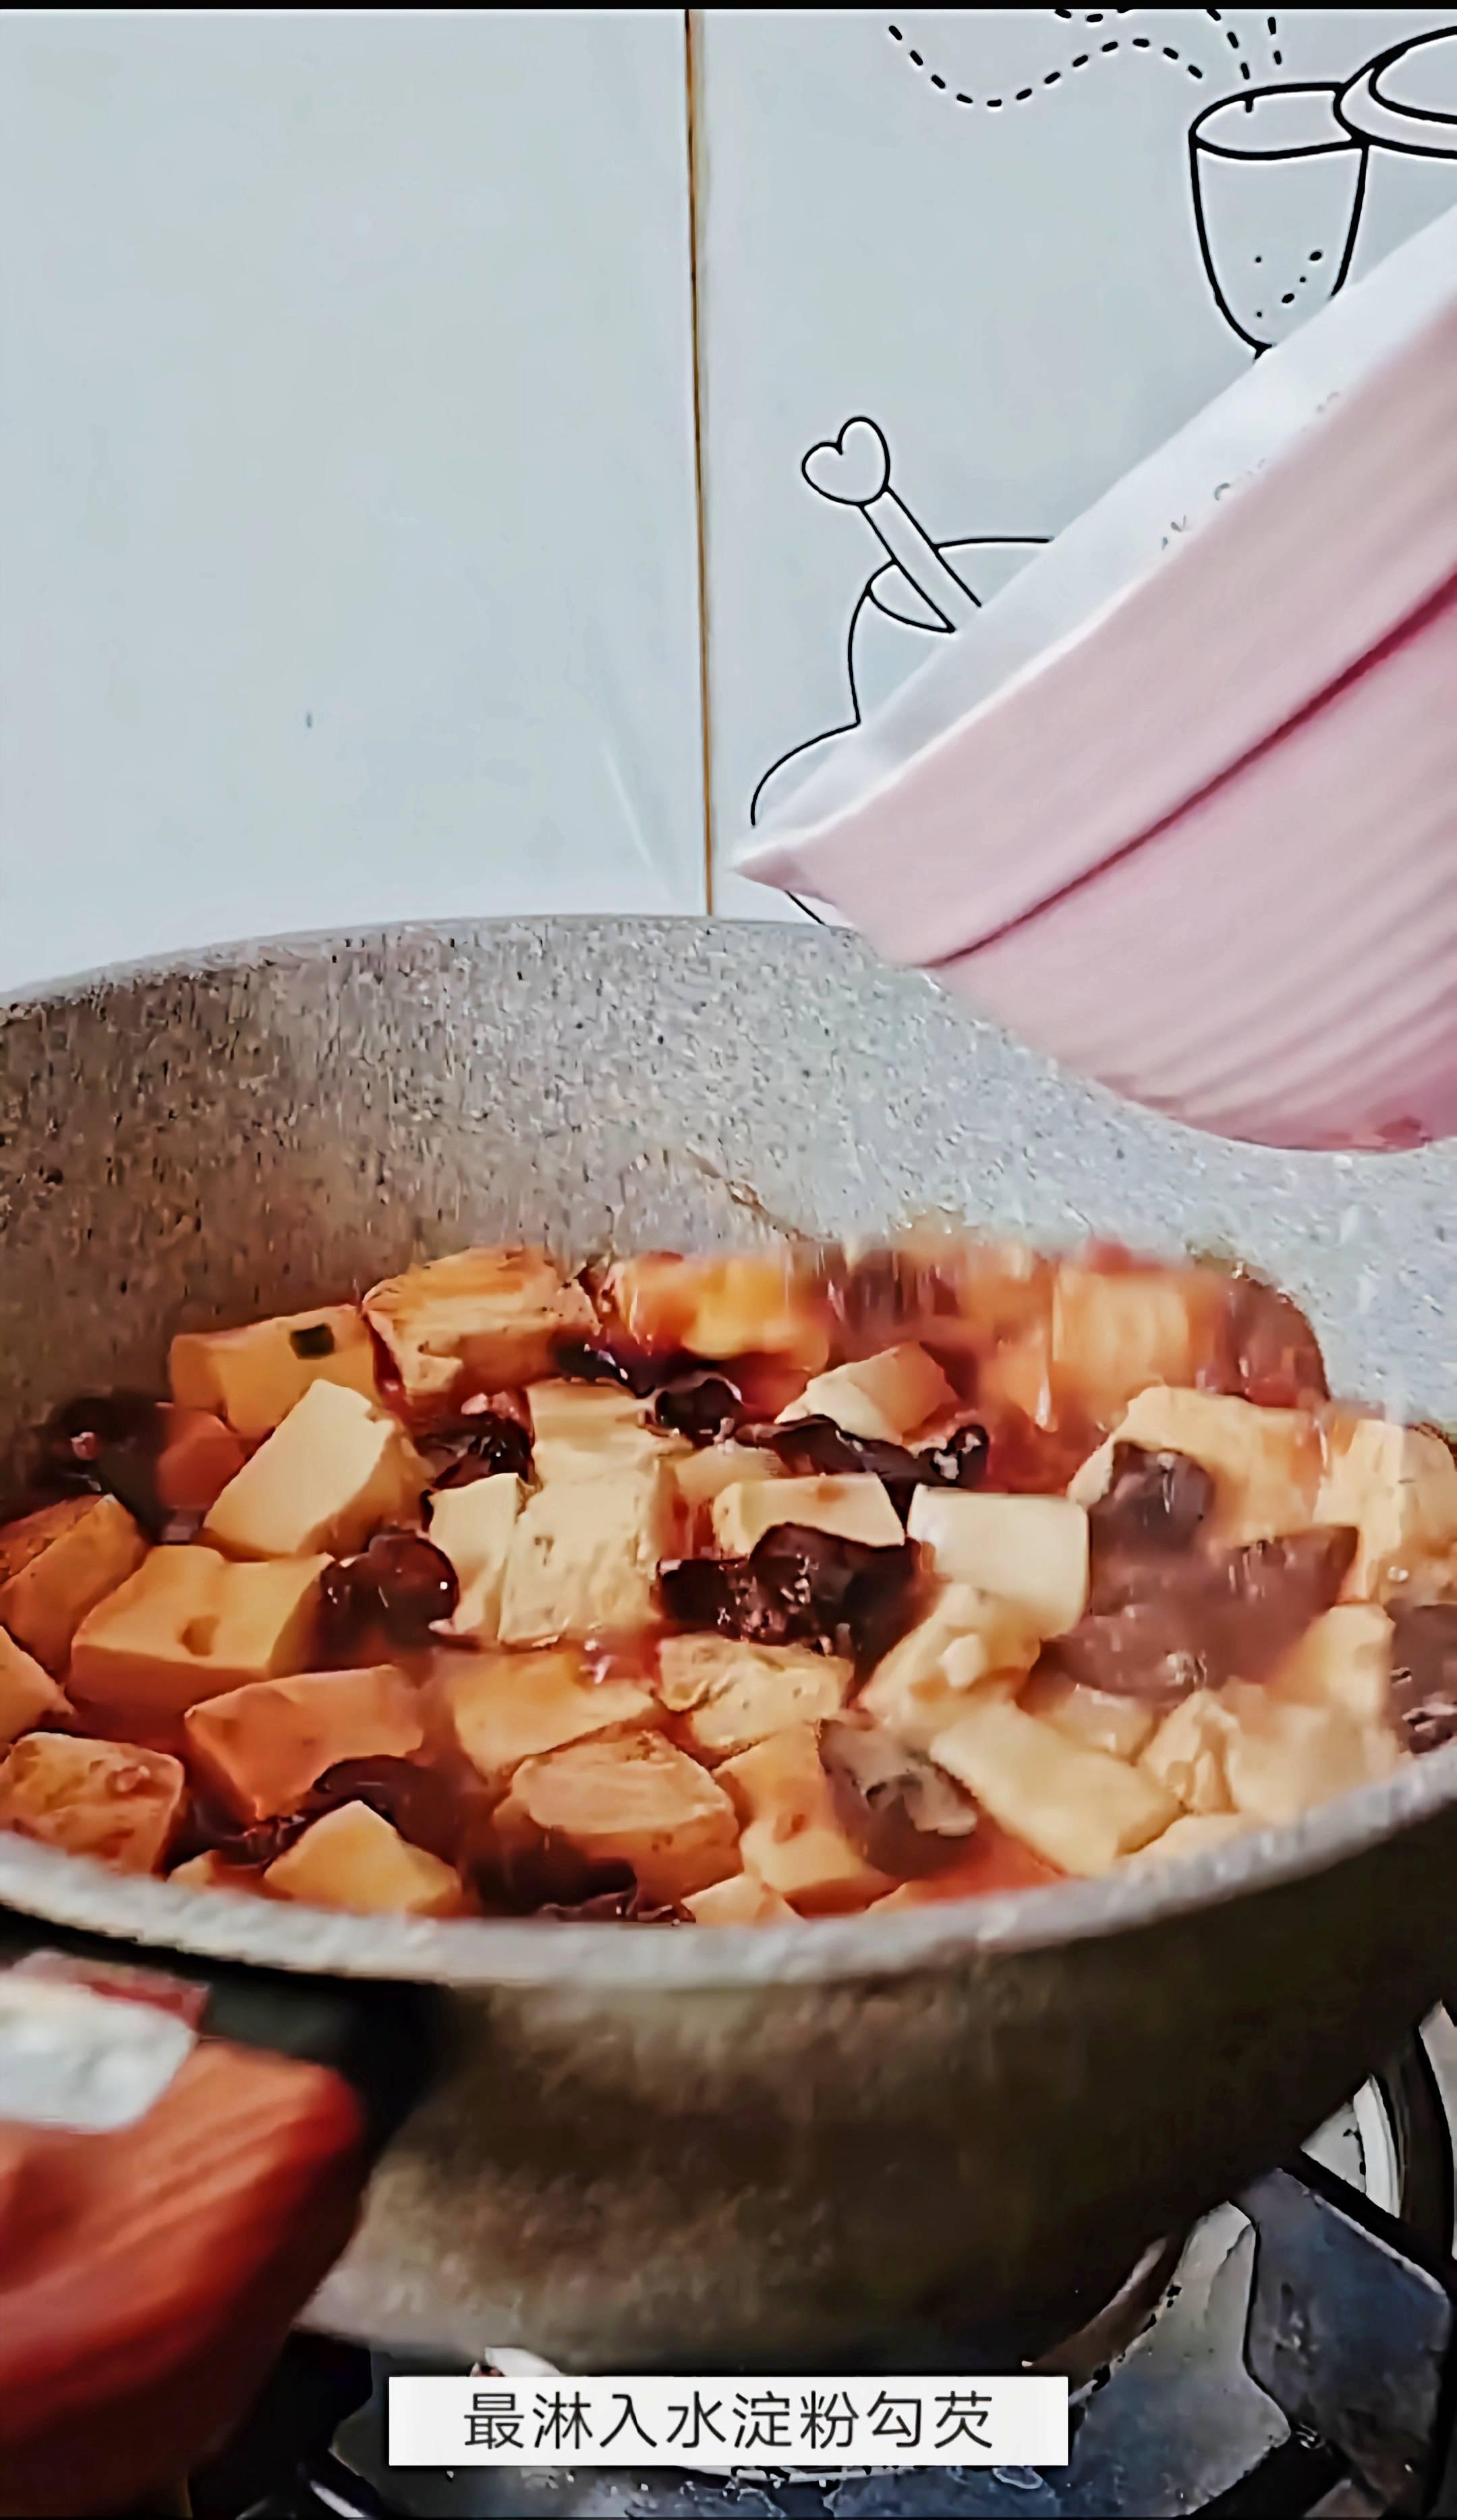 #豆腐的神仙做法#红烧木耳豆腐怎么炒